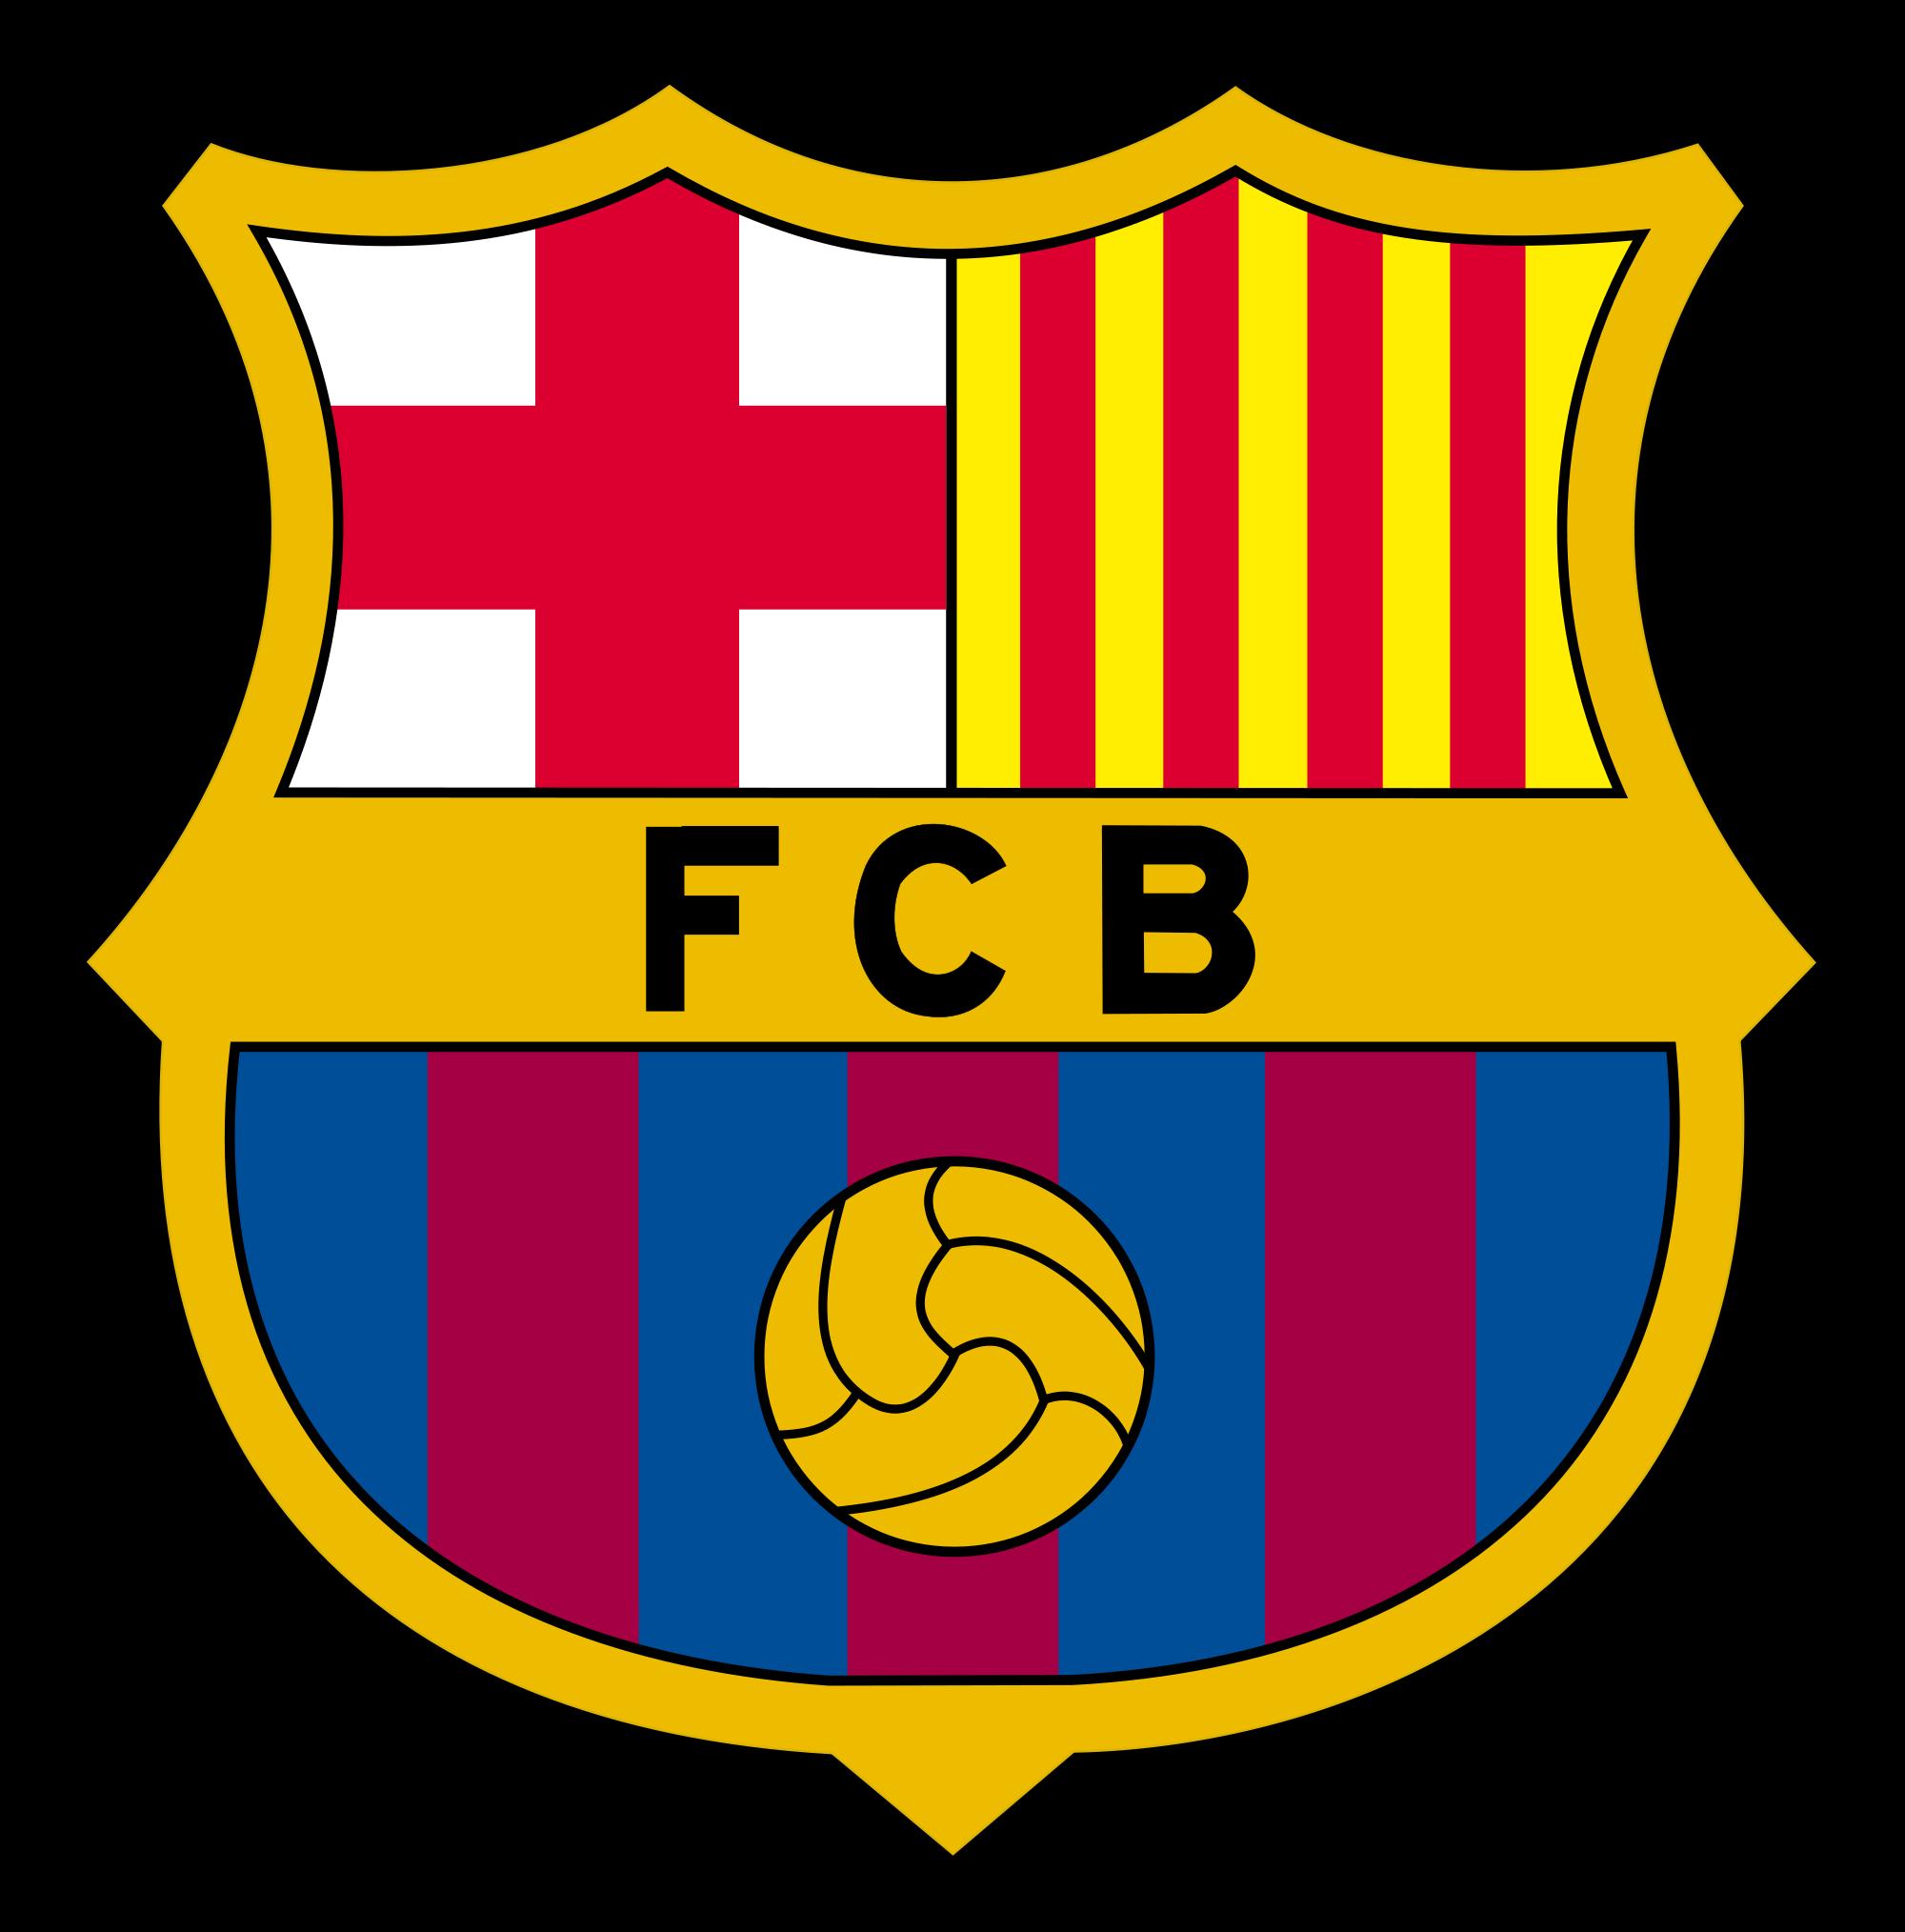 FC Barcelona escut - Programas de treinamento para goleiros 2020